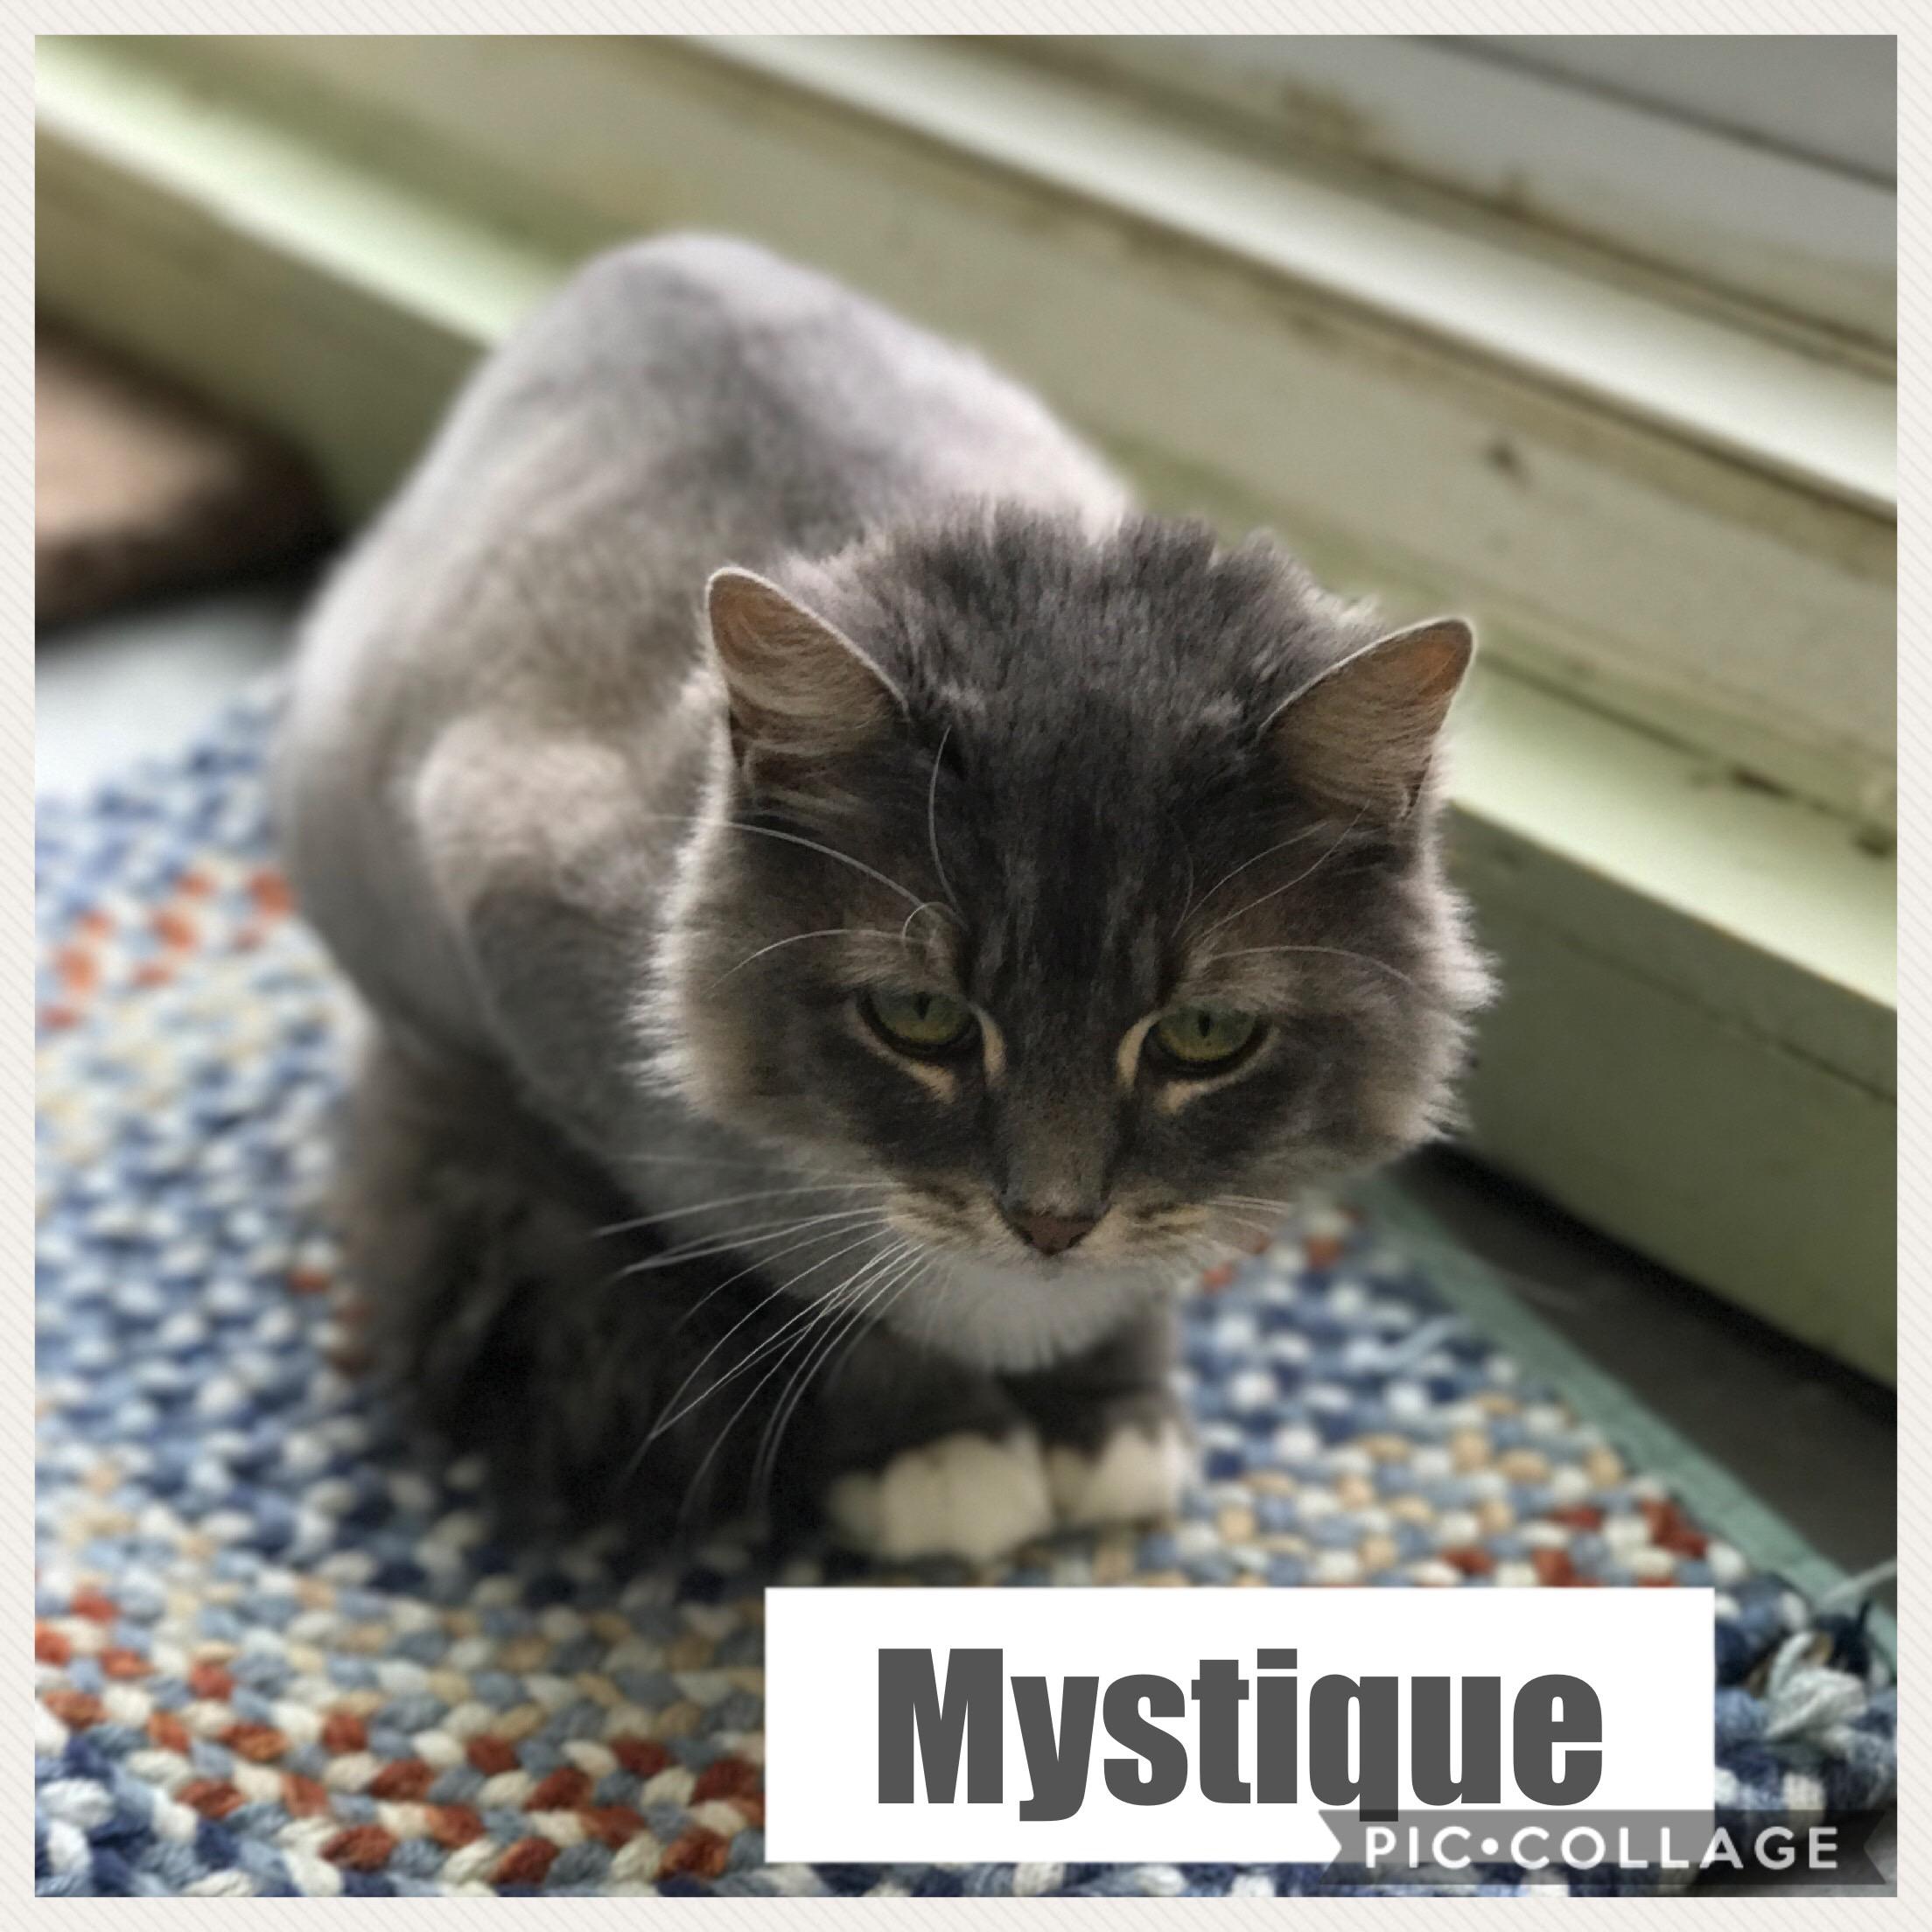 Mystique - Domestic Long Hair